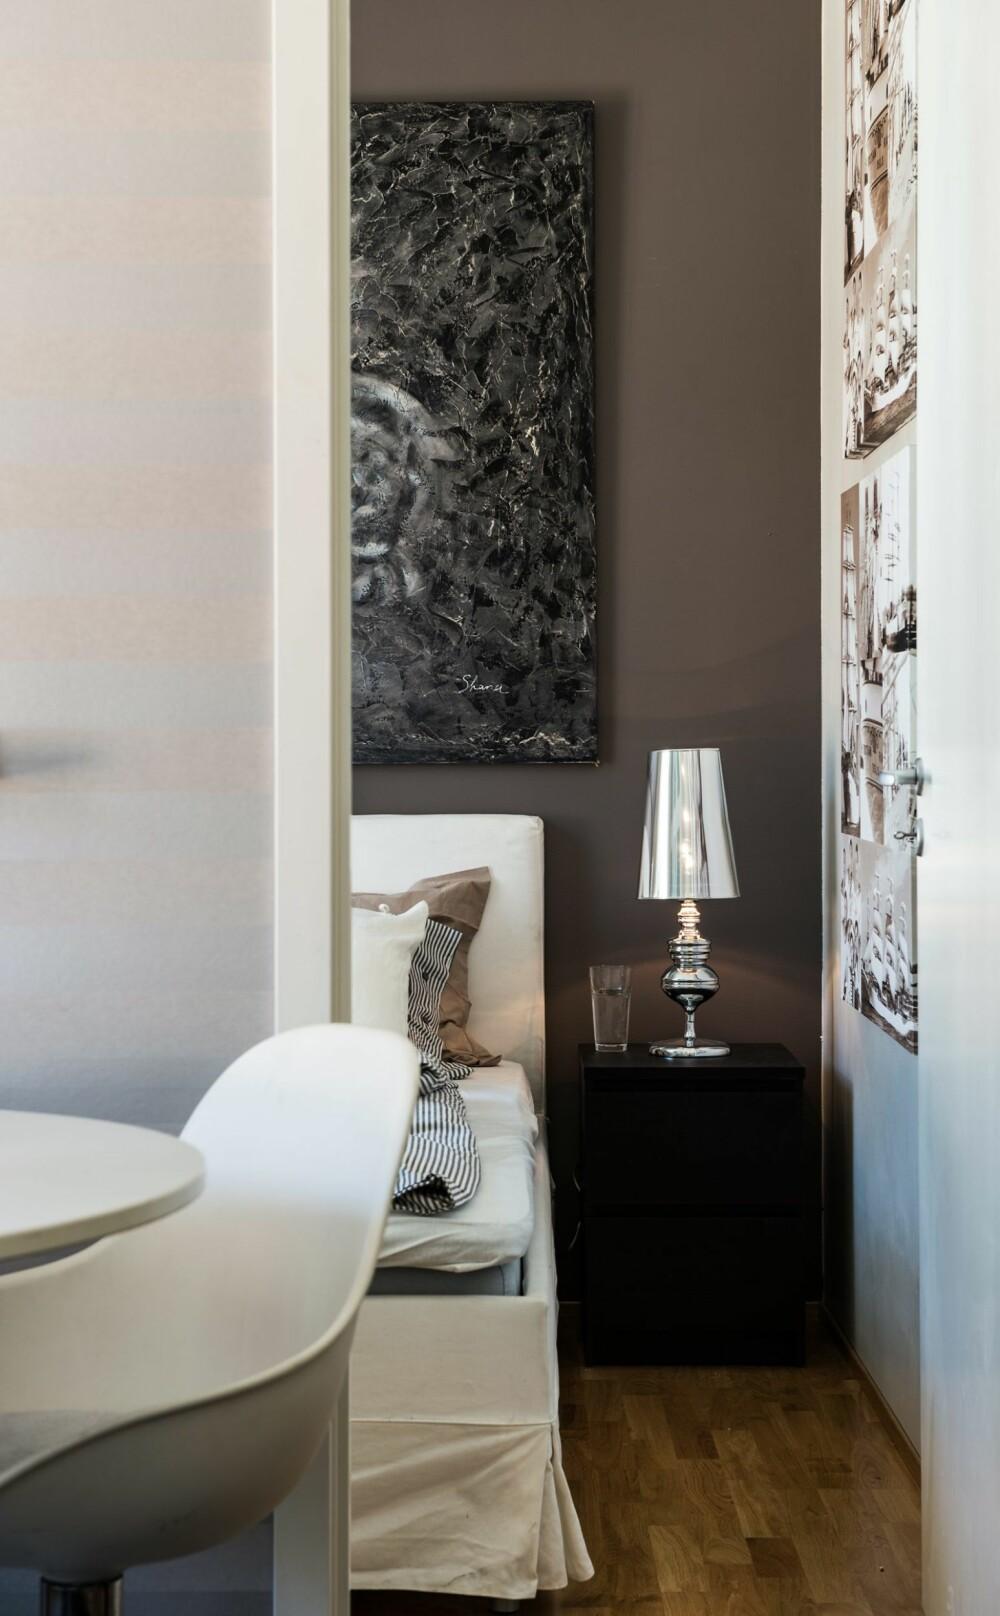 MASTER BEDROOM: Soverommene ligger i hver sin ende av leiligheten. Den brunbeige fondveggen på hovedsoverommet gir rommet en egen karakter, uten å bryte med helheten.